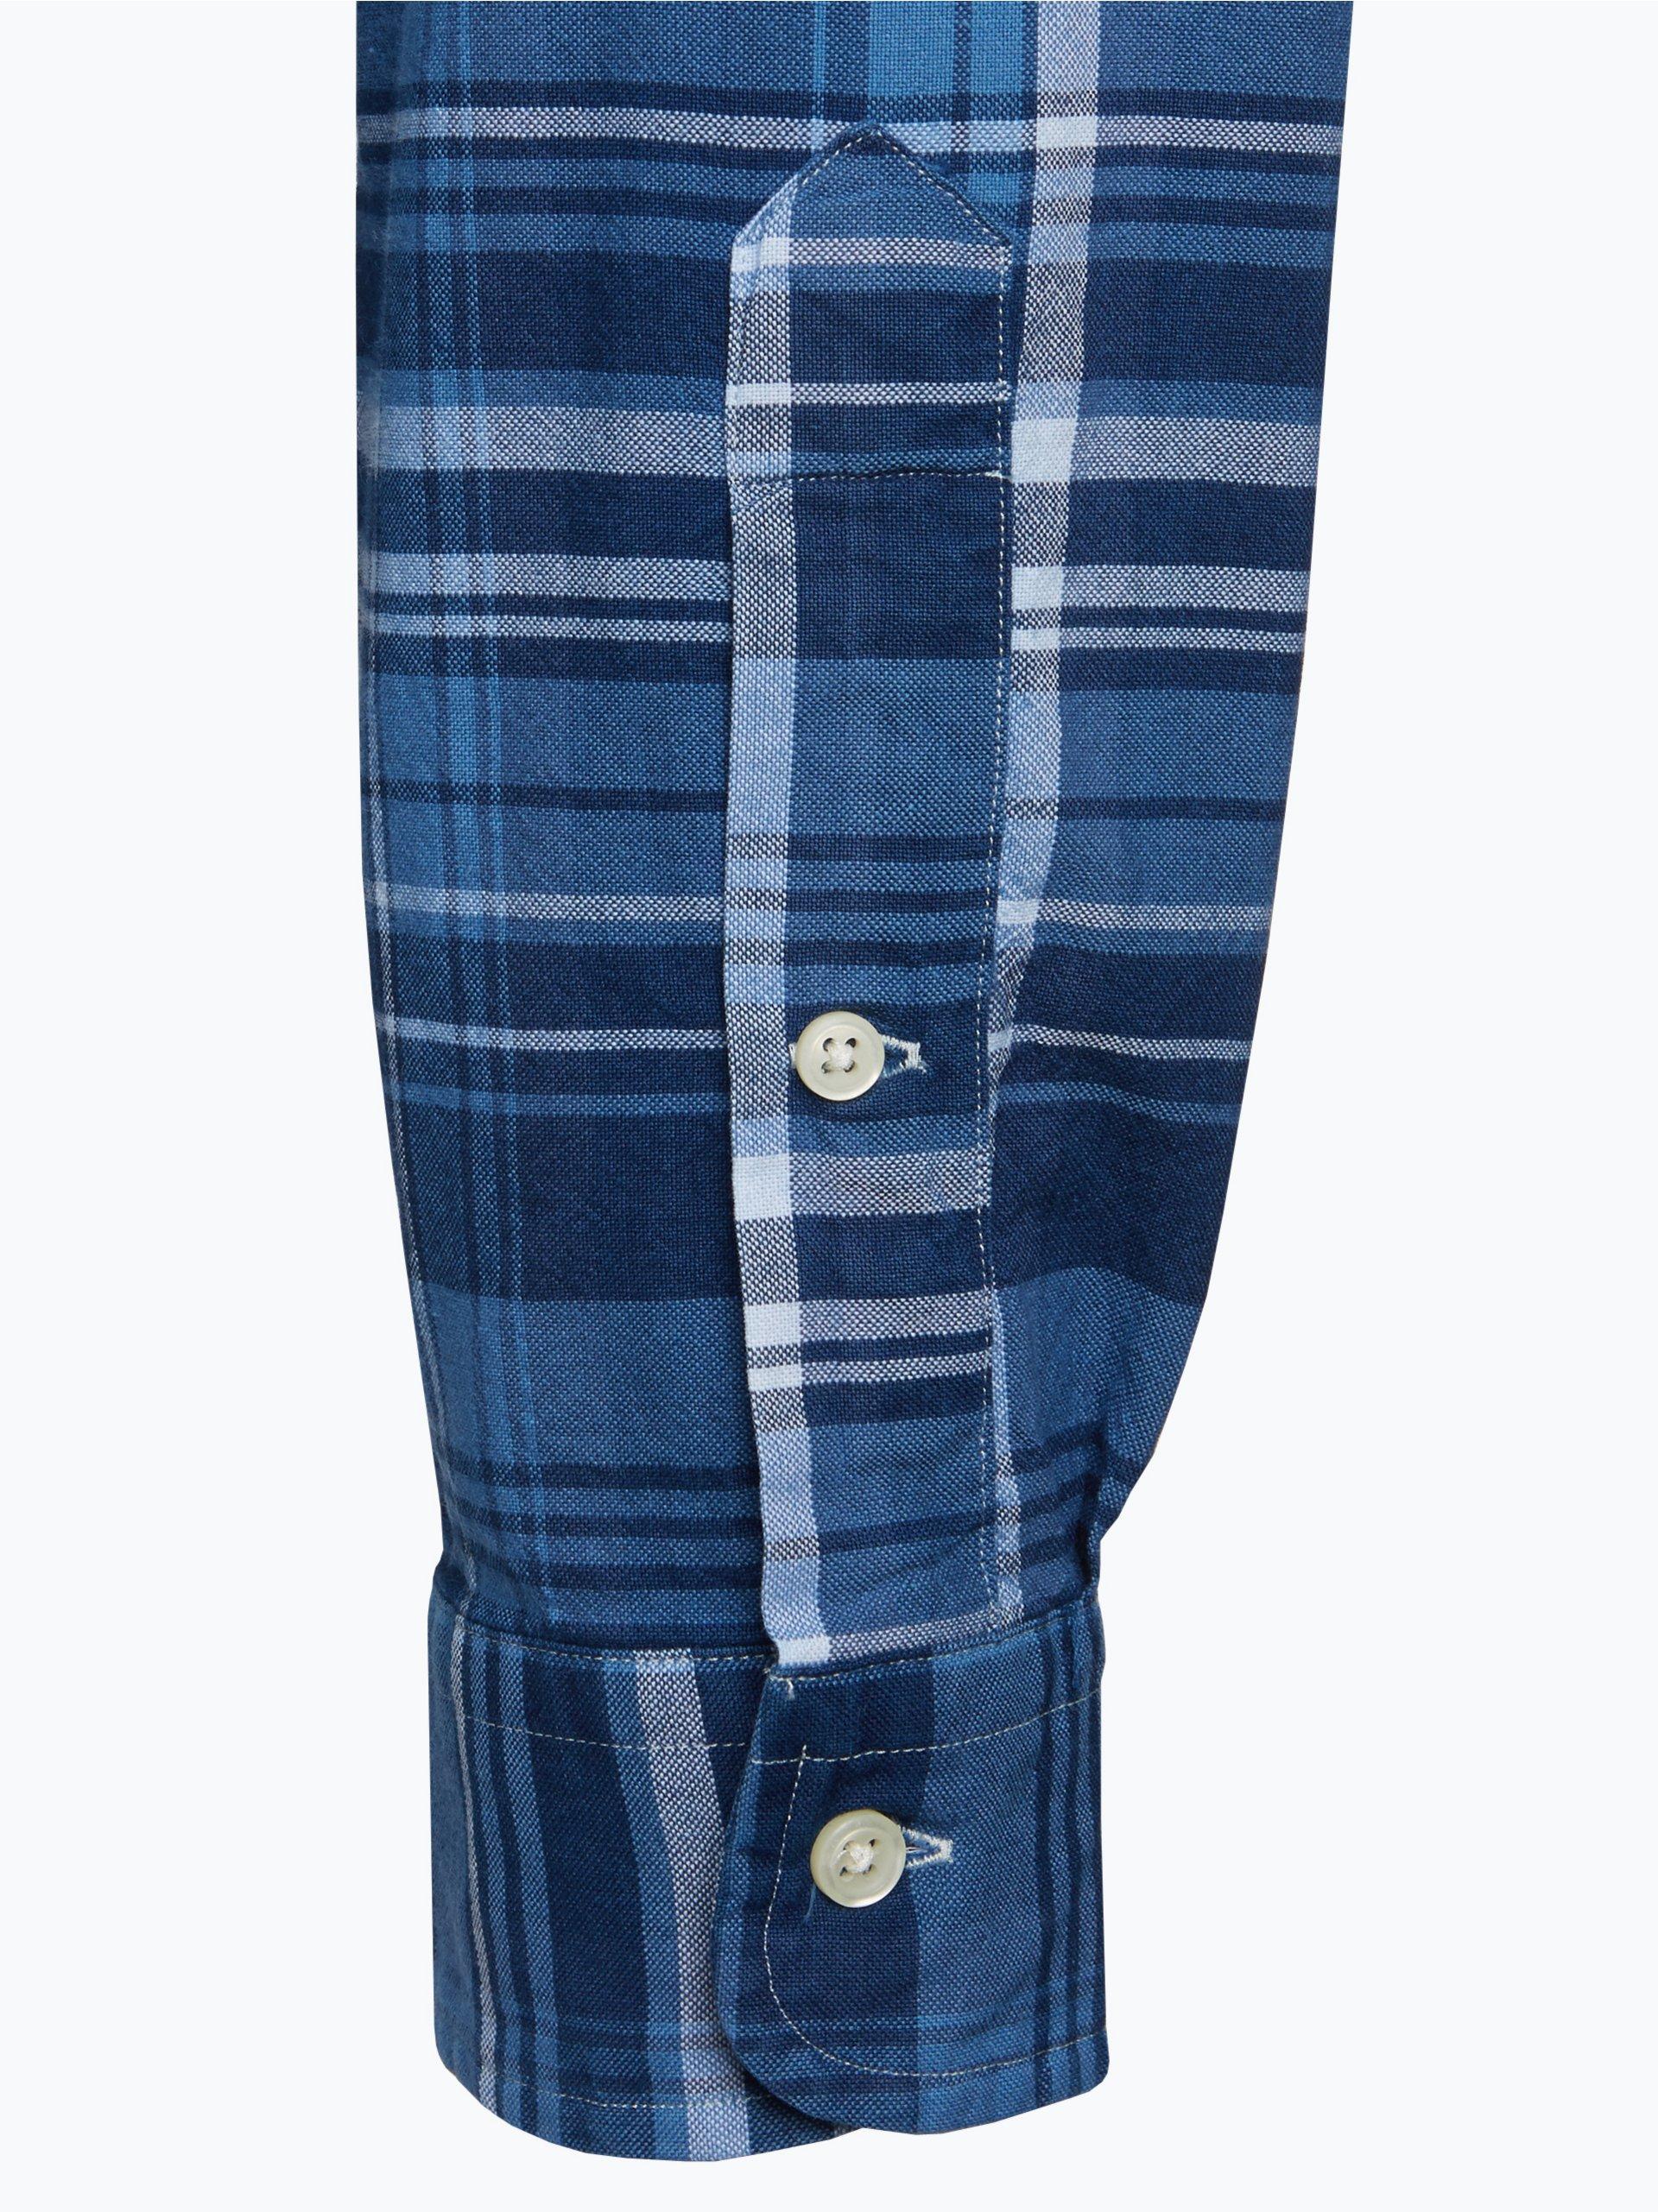 polo ralph lauren herren hemd indigo kariert online kaufen vangraaf com. Black Bedroom Furniture Sets. Home Design Ideas